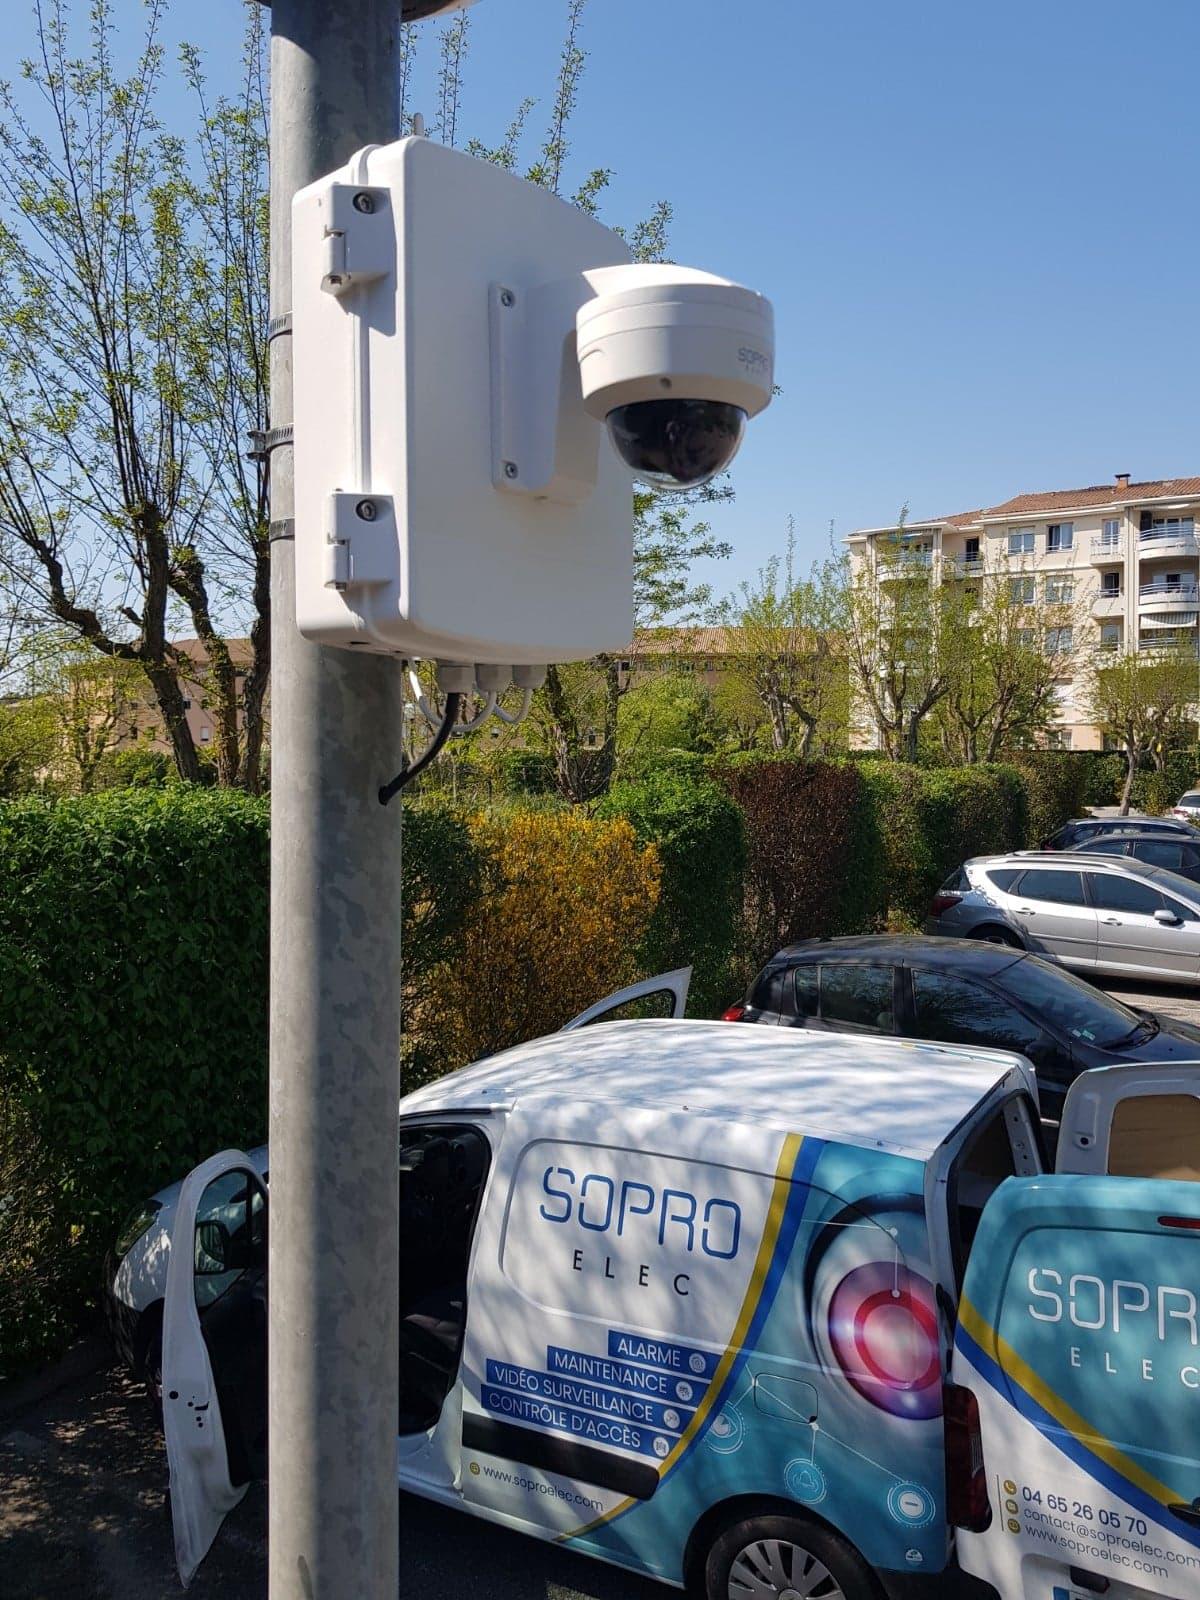 pose de caméra de vidéosurveillance pour parking dans une résidence a aix en provence